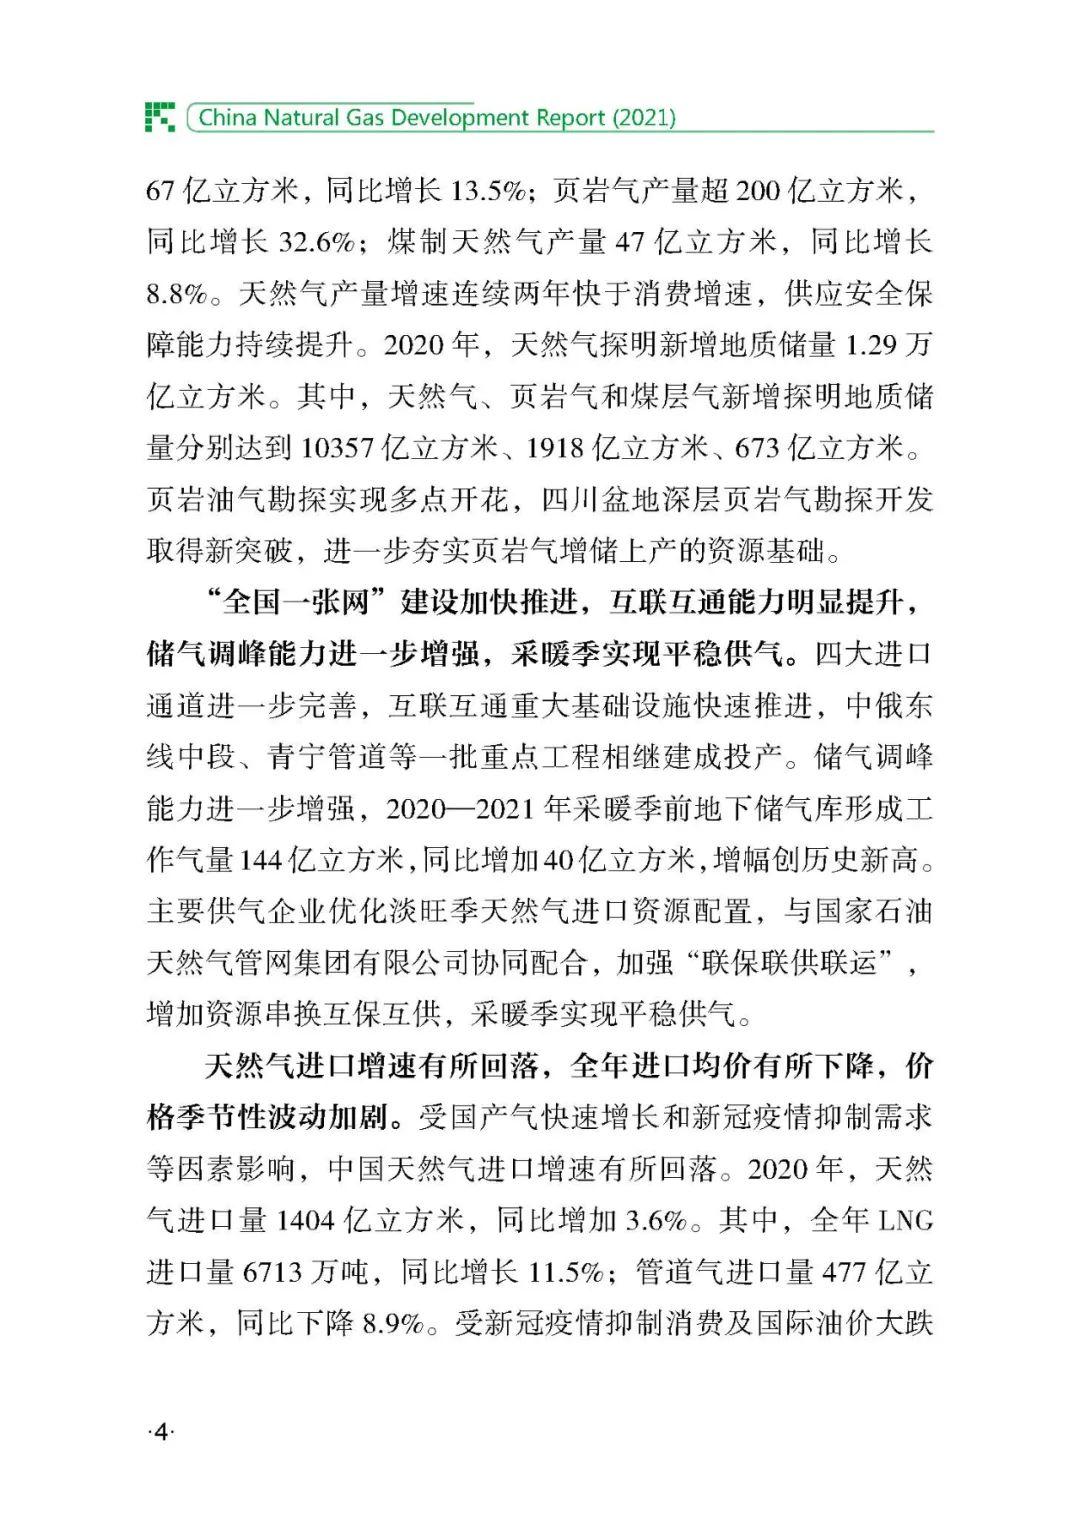 重磅!国家能源局发布《中国天然气发展报告(2021)》!